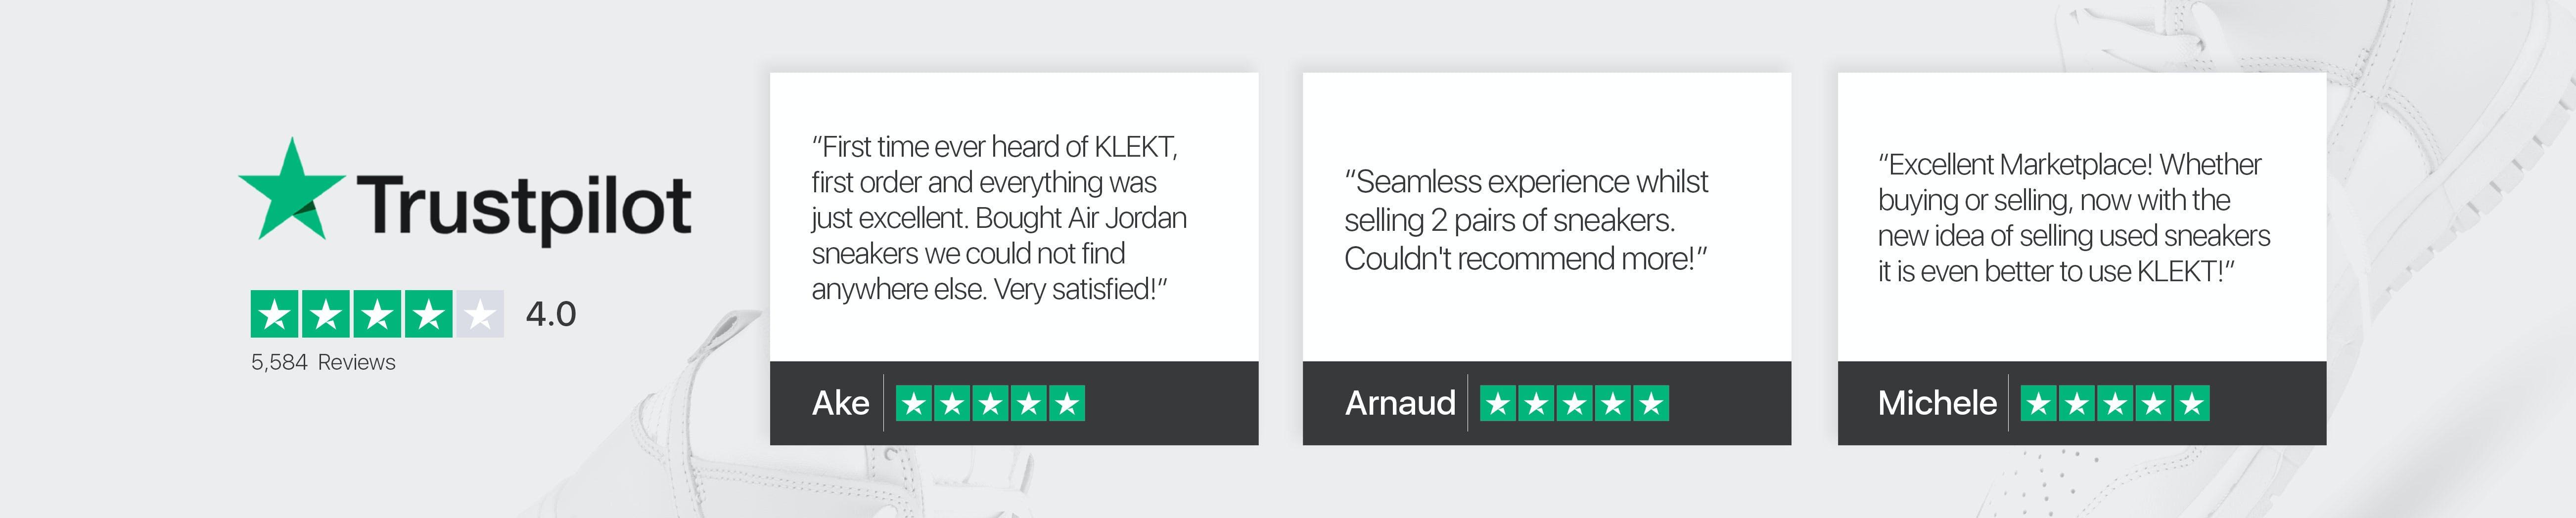 Trustpilot Reviews banner